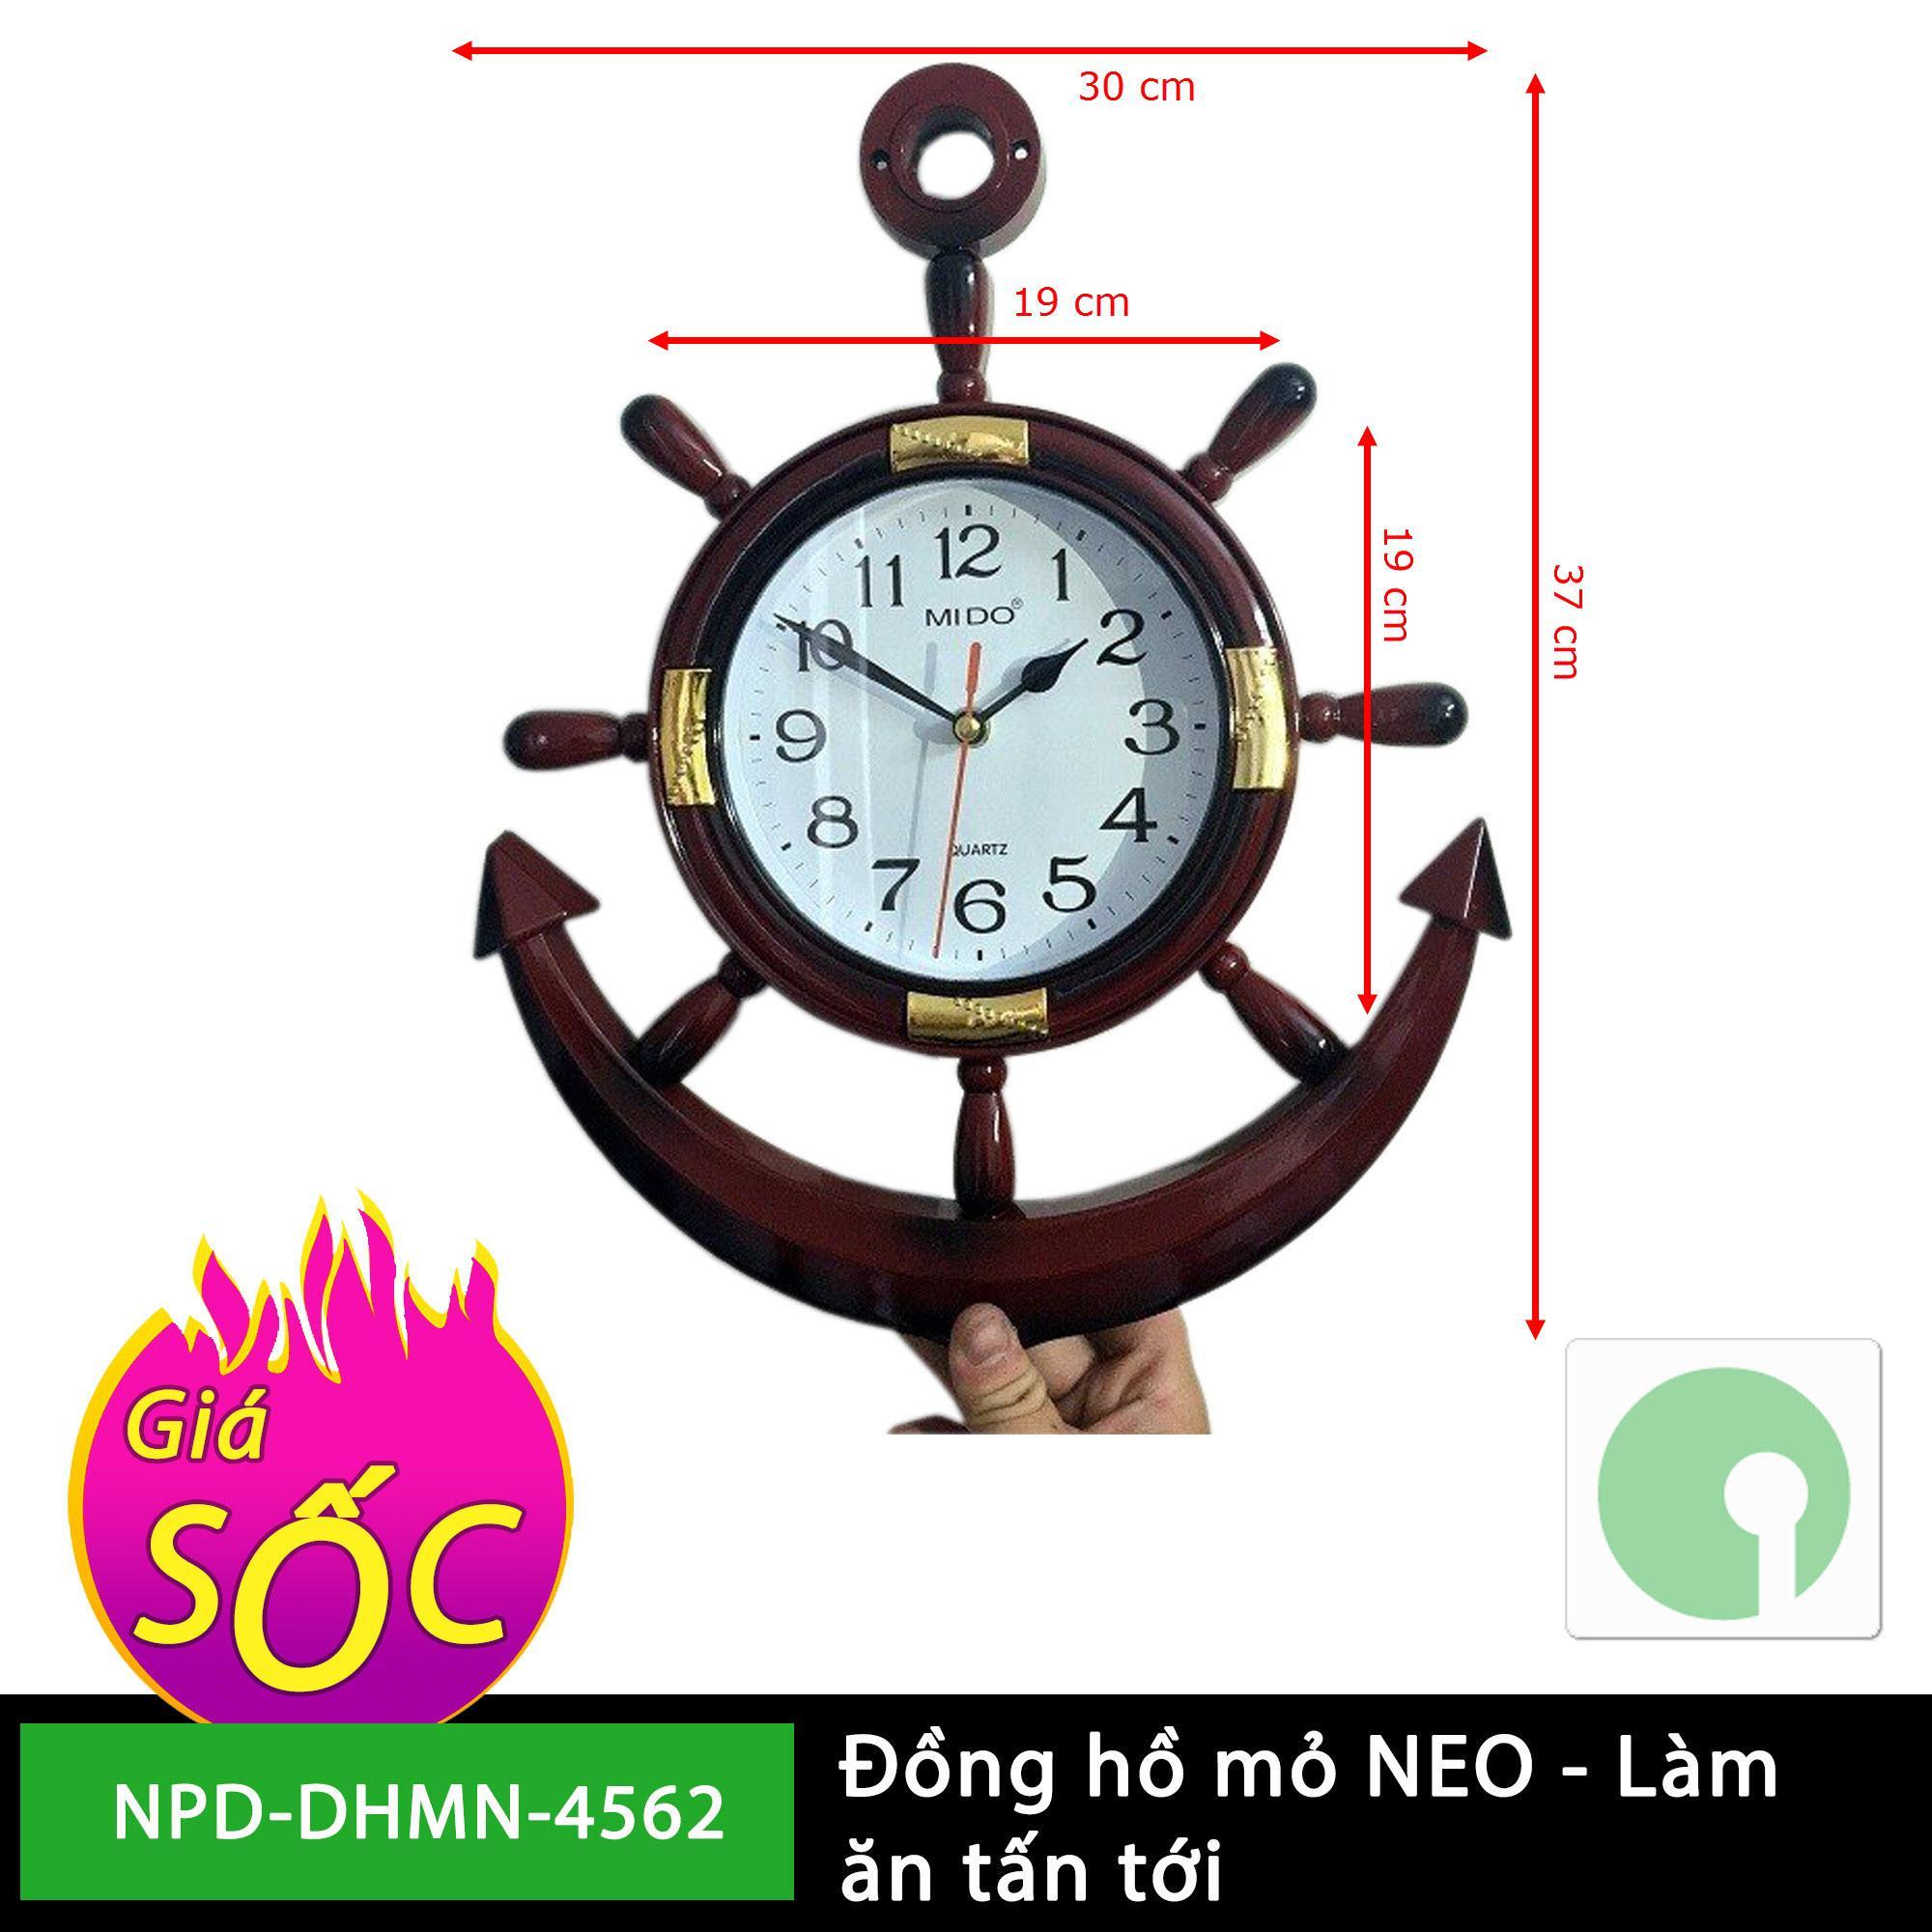 Đồng hồ treo tường mỏ neo giá rẻ - mới 100% - quà tặng ý nghĩa (Màu nâu) - NPD-DHMN-4562 bán chạy